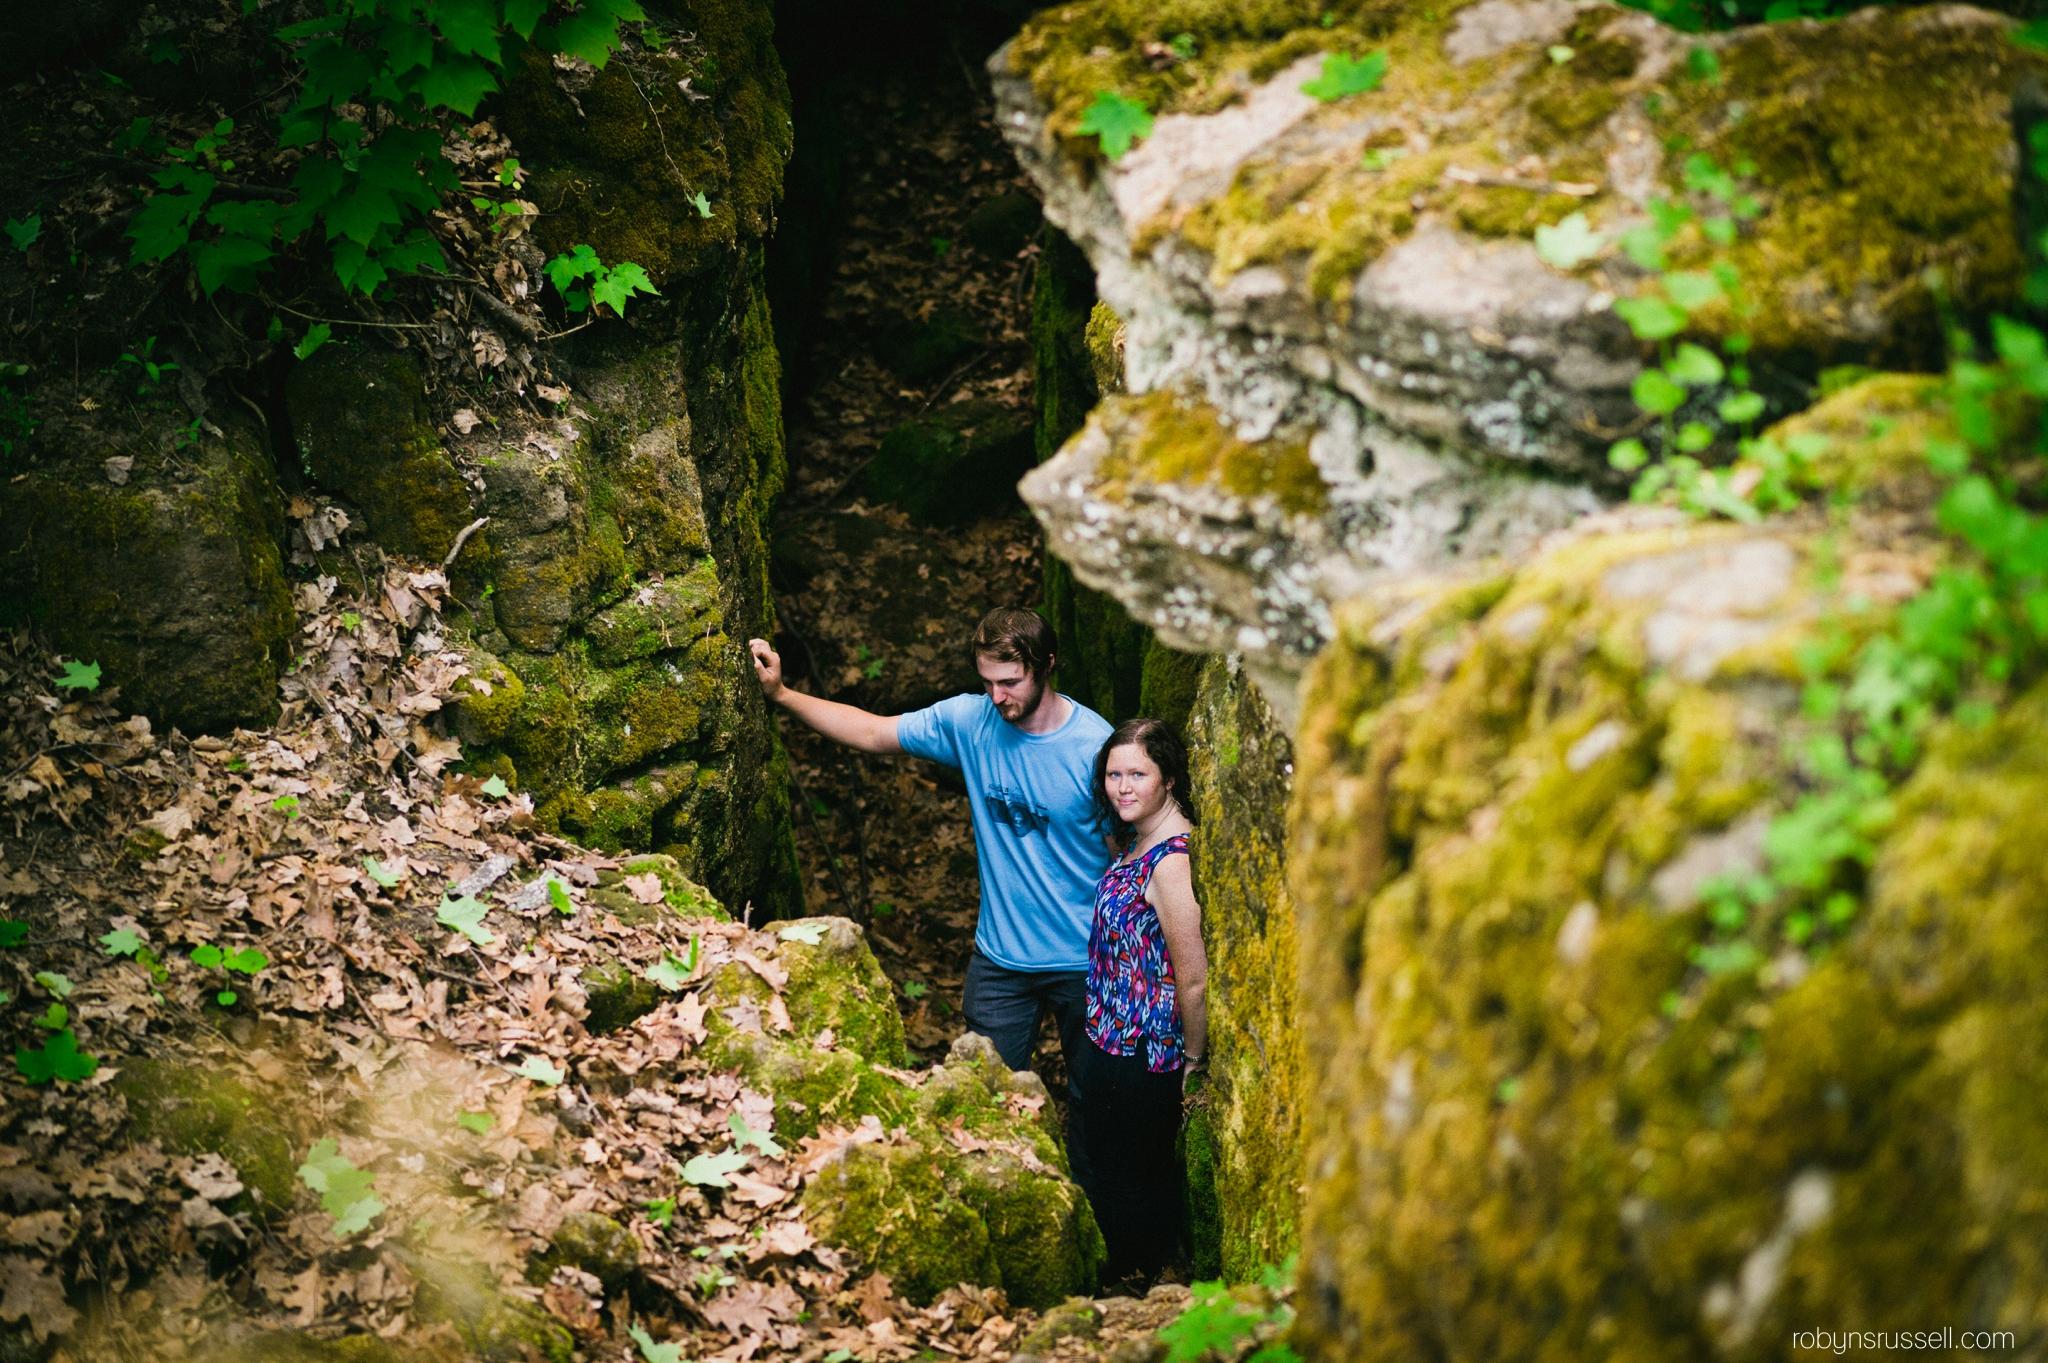 15-amazing-cave-shot-mt-nemo-burlington-couples-session.jpg